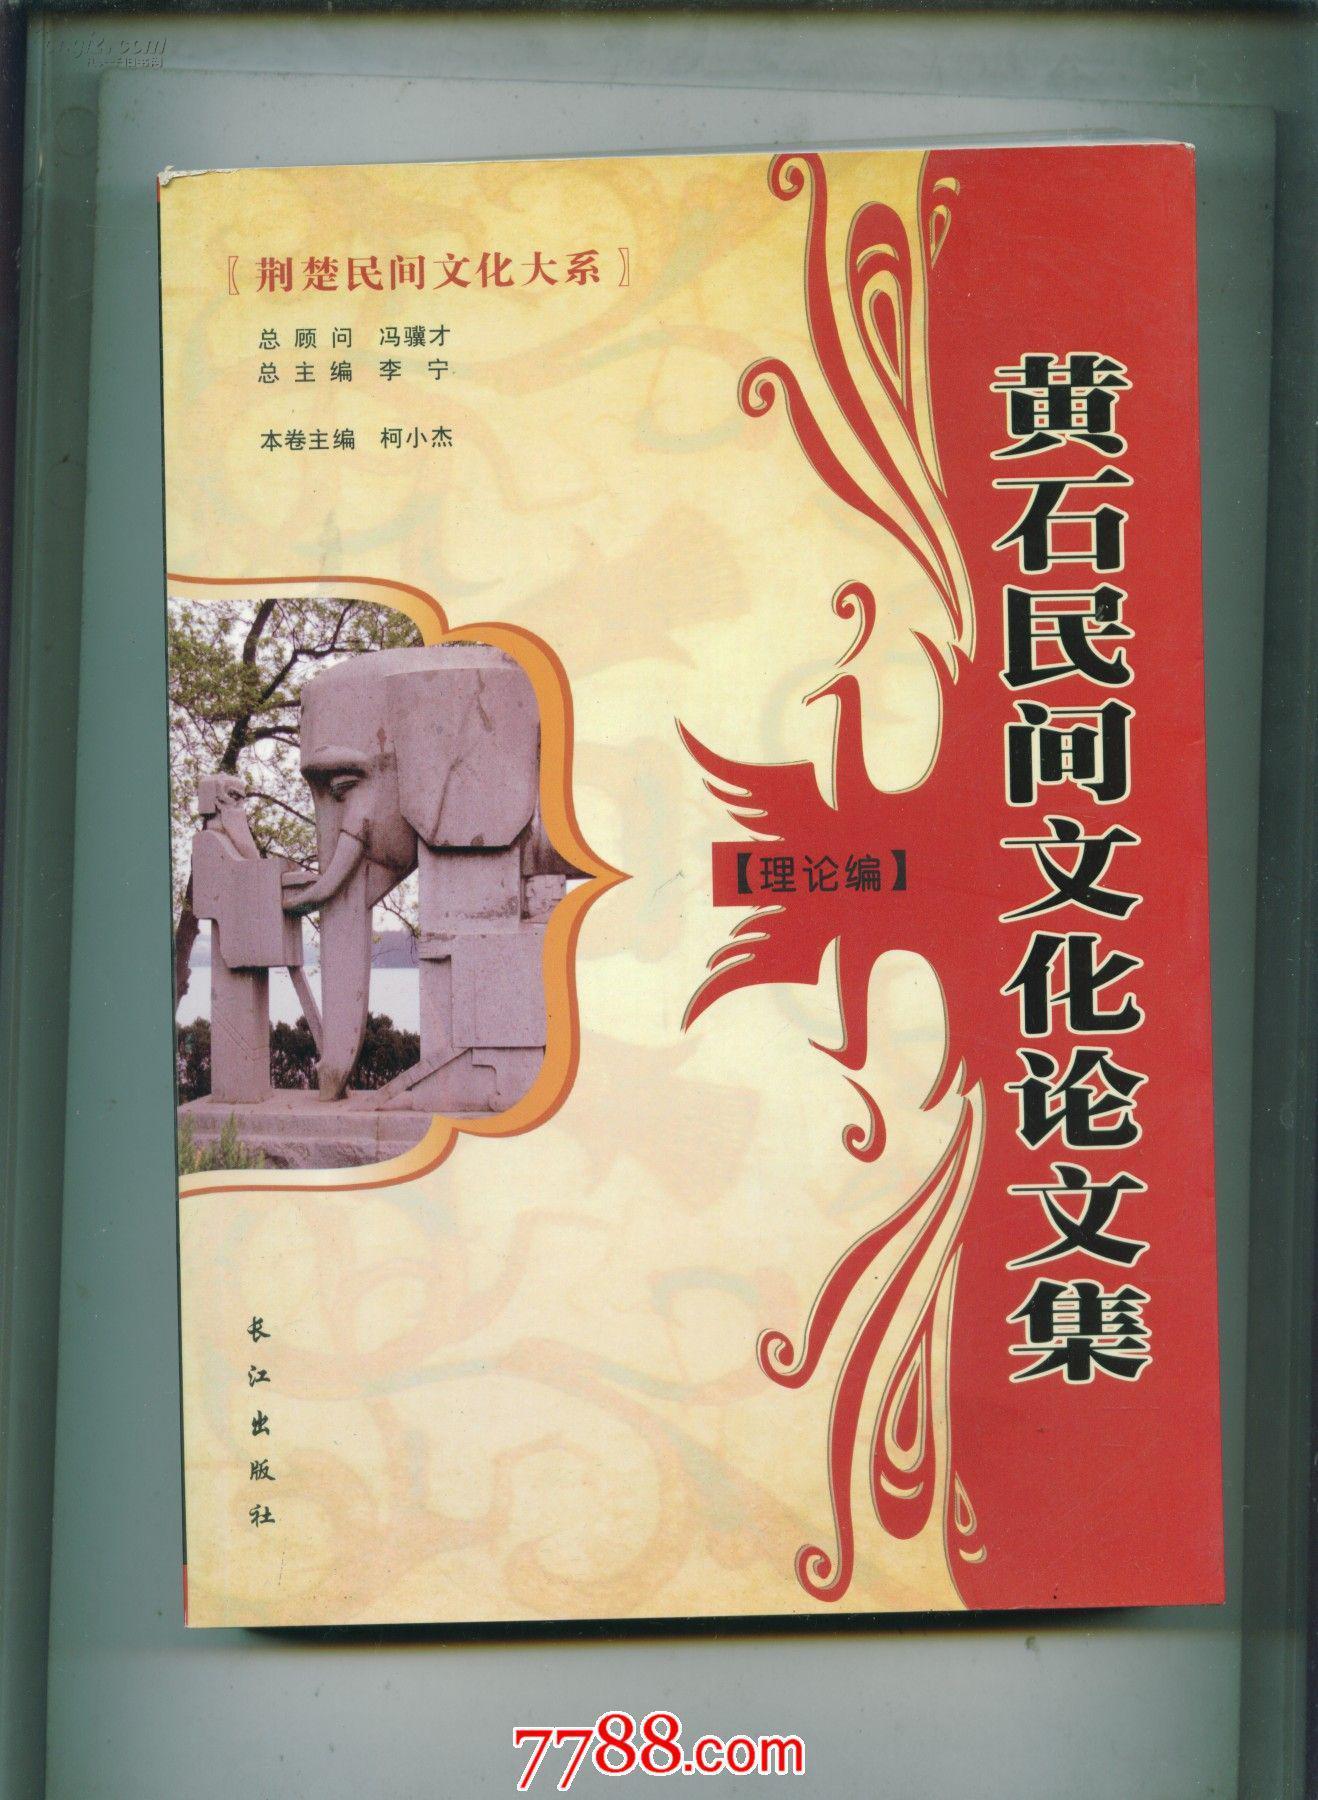 黄石民间文化论文集(理论编)              ---- 【包邮-挂】